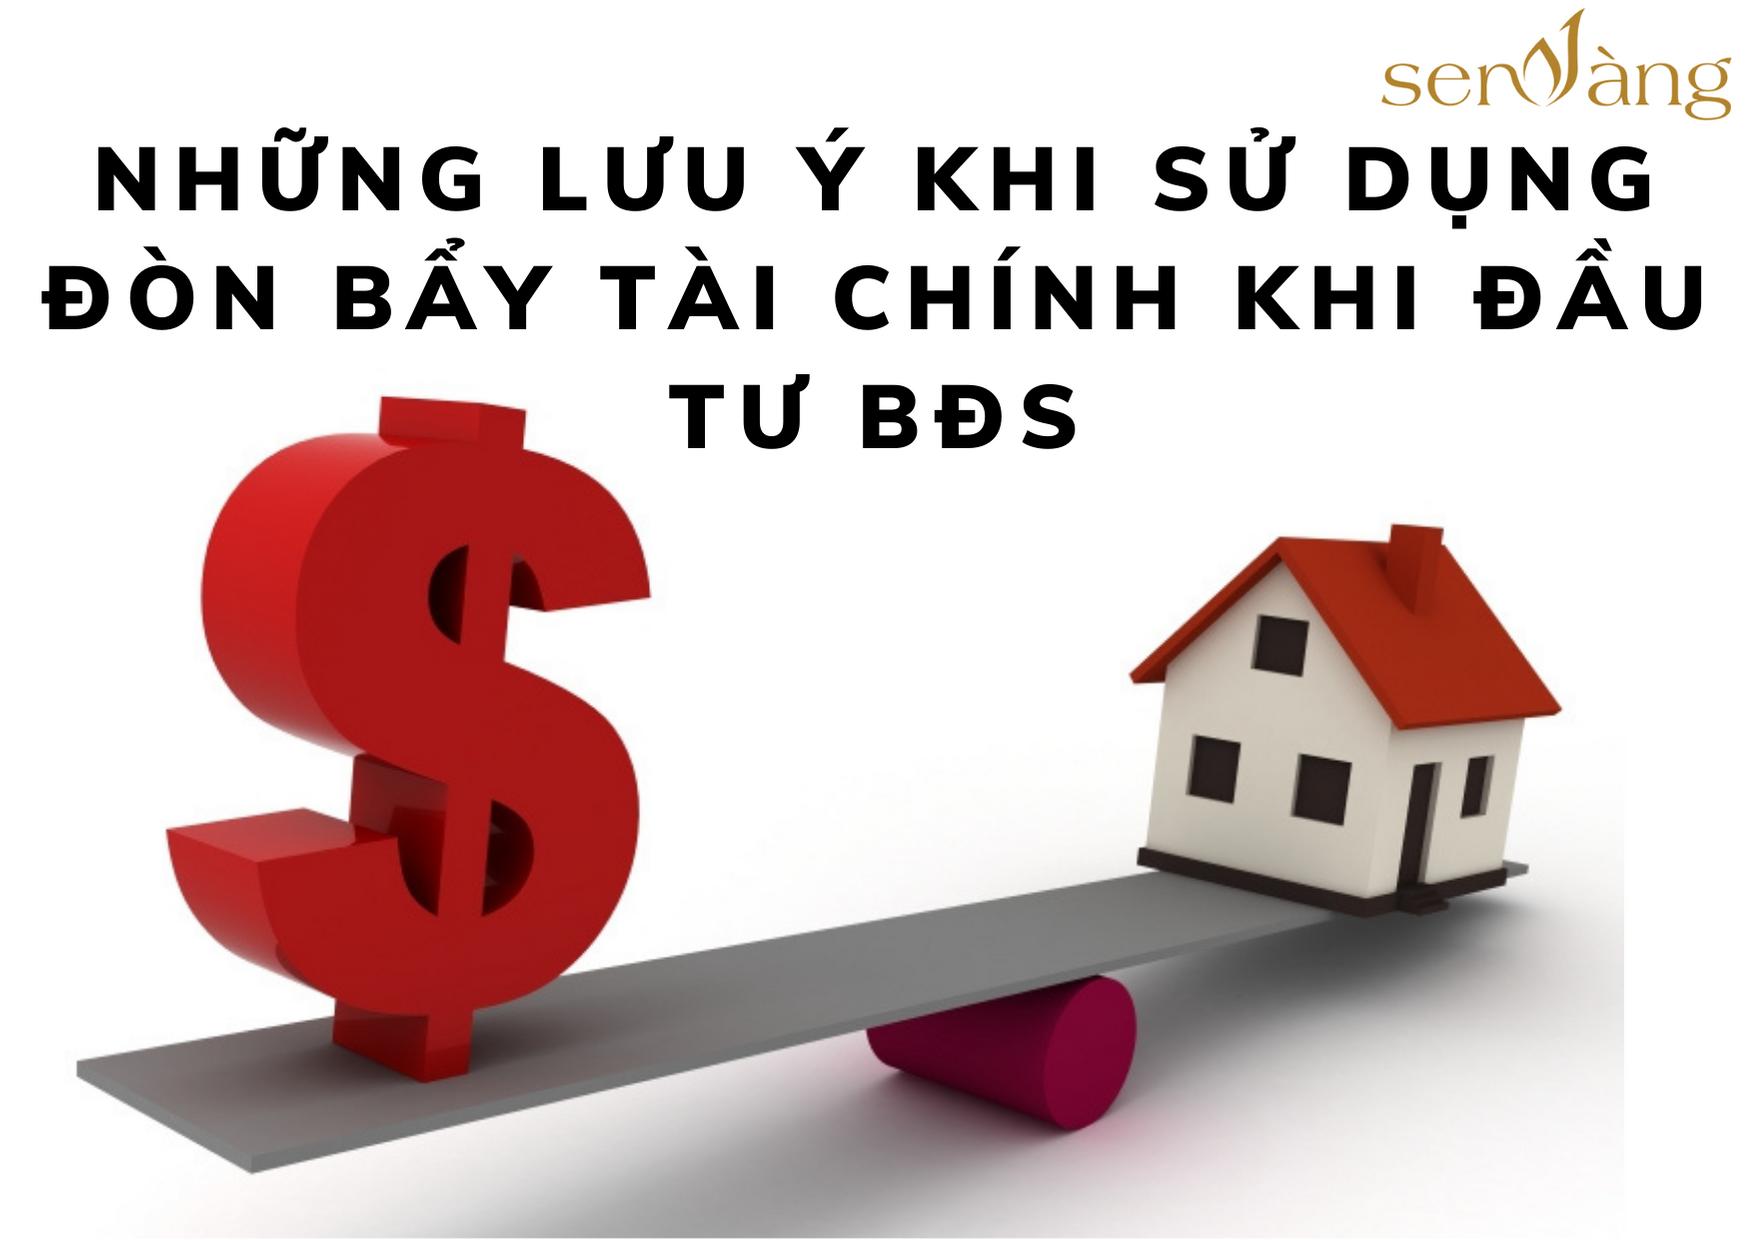 Những lưu ý khi sử dụng đòn bẩy tài chính khi đầu tư bất động sản